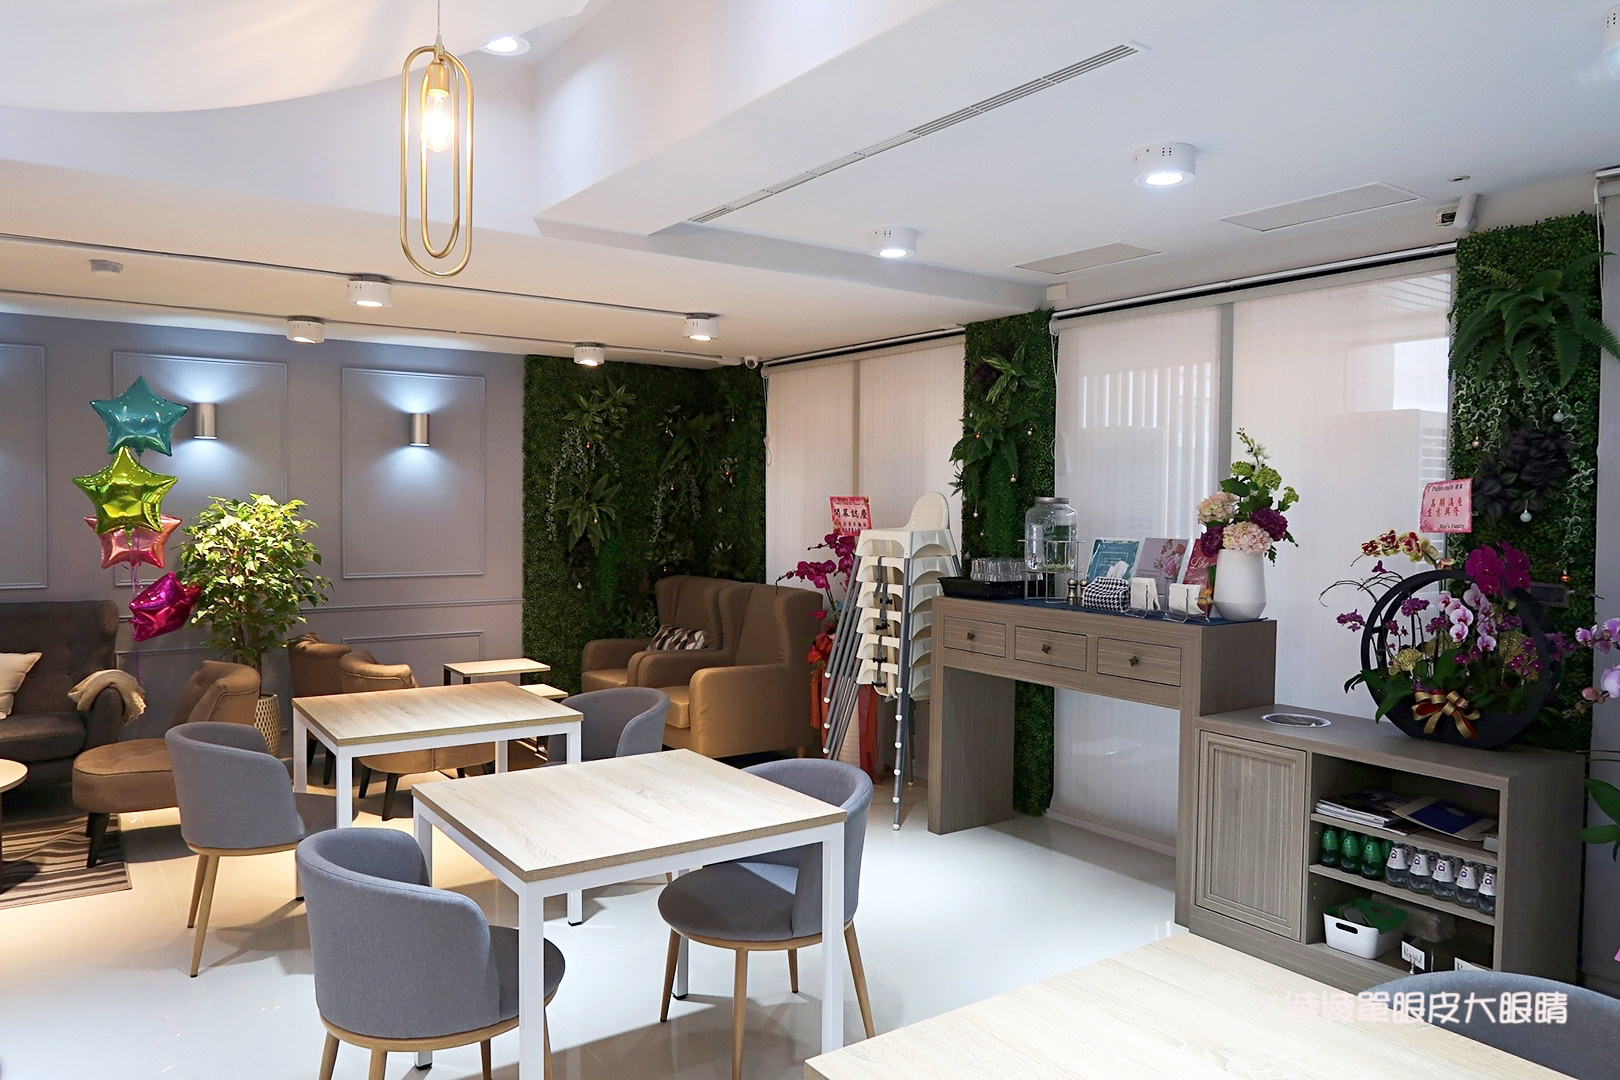 新竹首間美式複合型社區超市!新竹美食餐廳也來混搭風,竹北新開幕義式料理Paleo Cafe(已歇業)